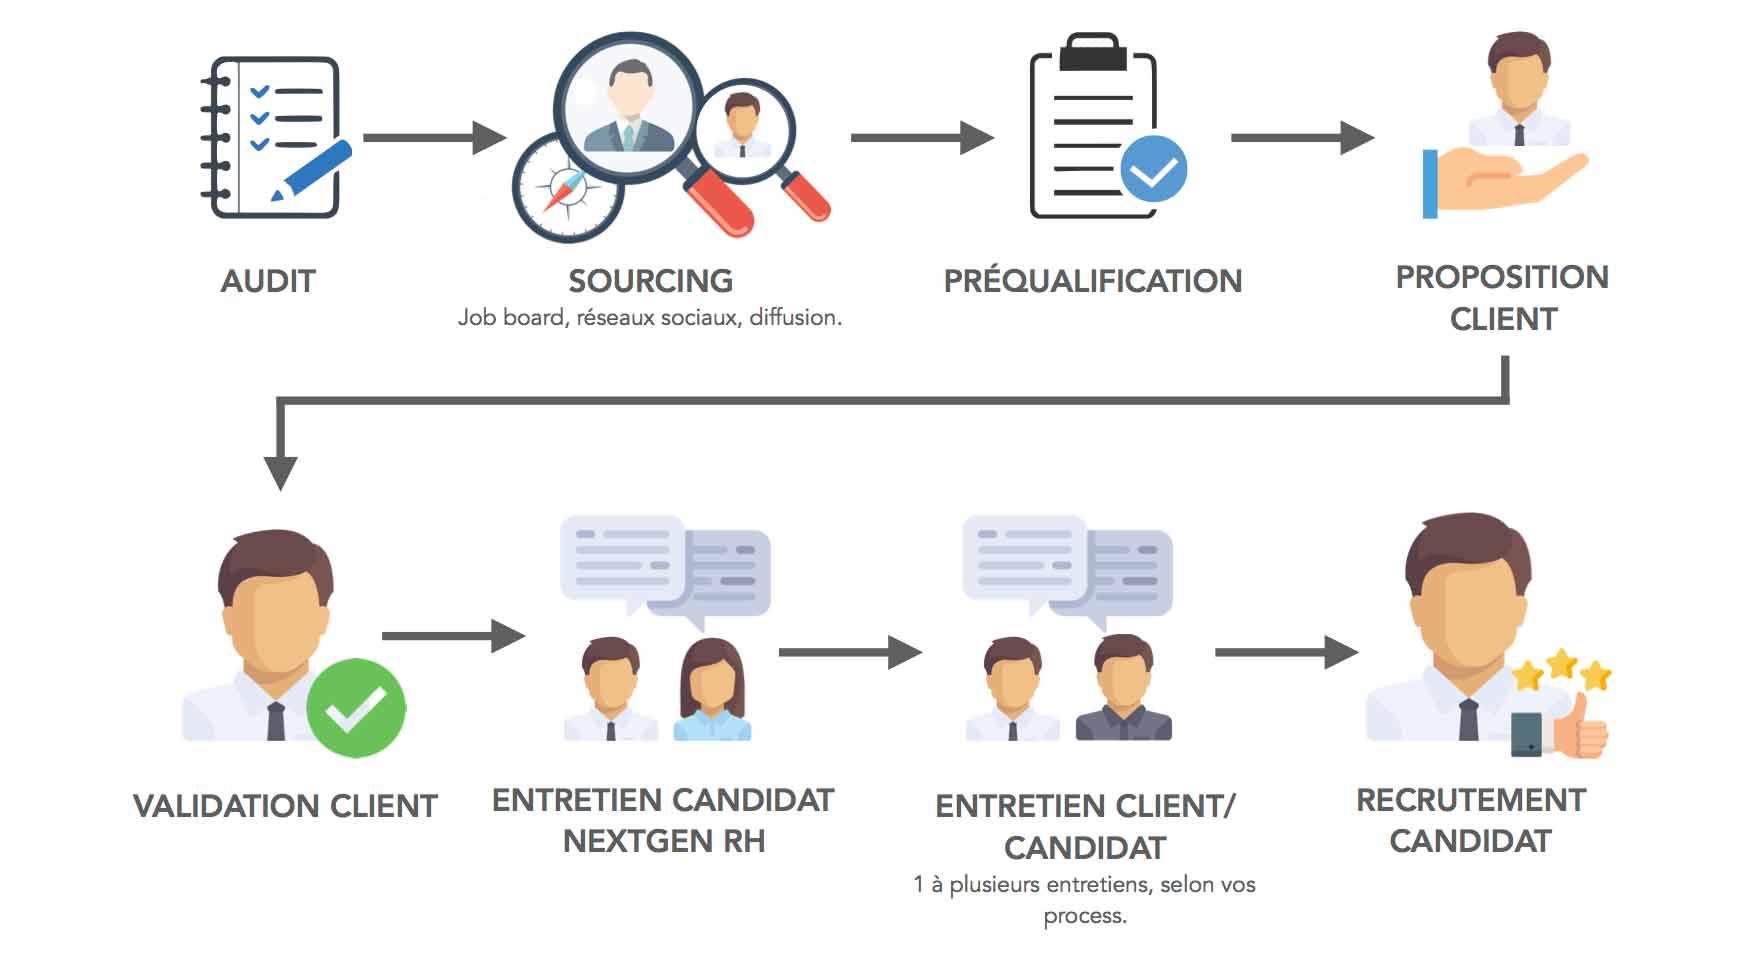 infographie-processus - nextgen rh